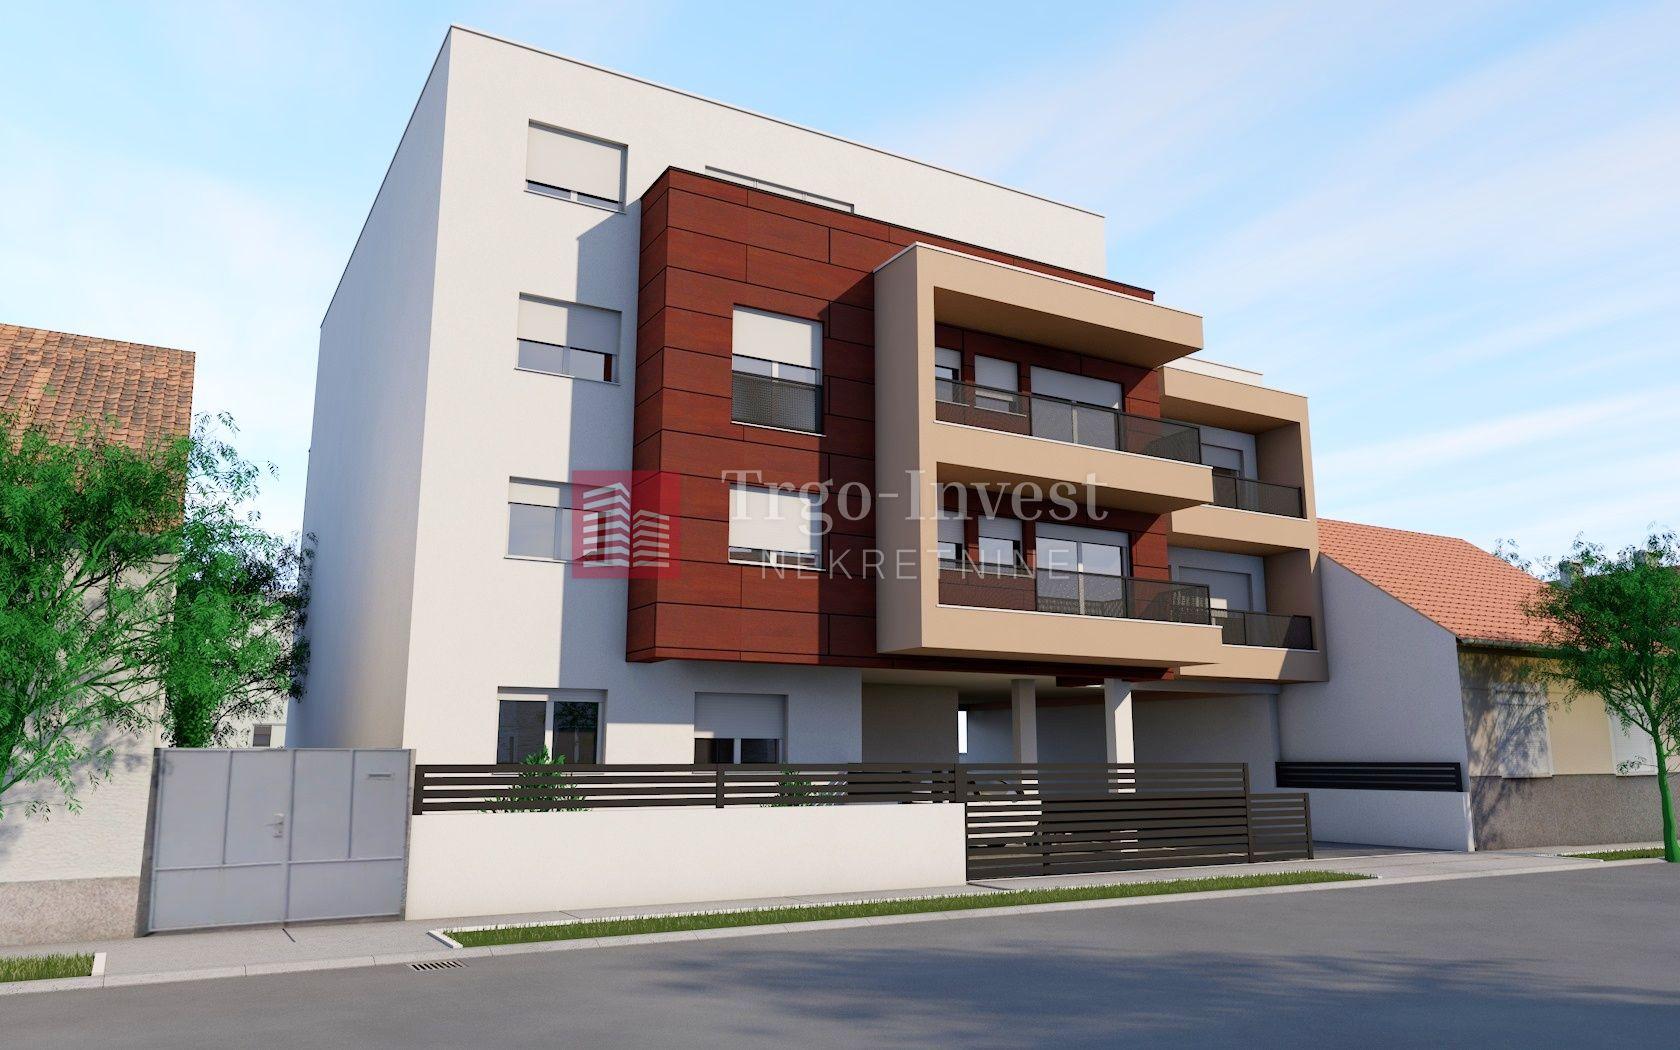 D. RAKOVCA, SL. BROD, LUKSUZNI STAN 115 M2, PENTHOUSE (NOVOGRADNJA)